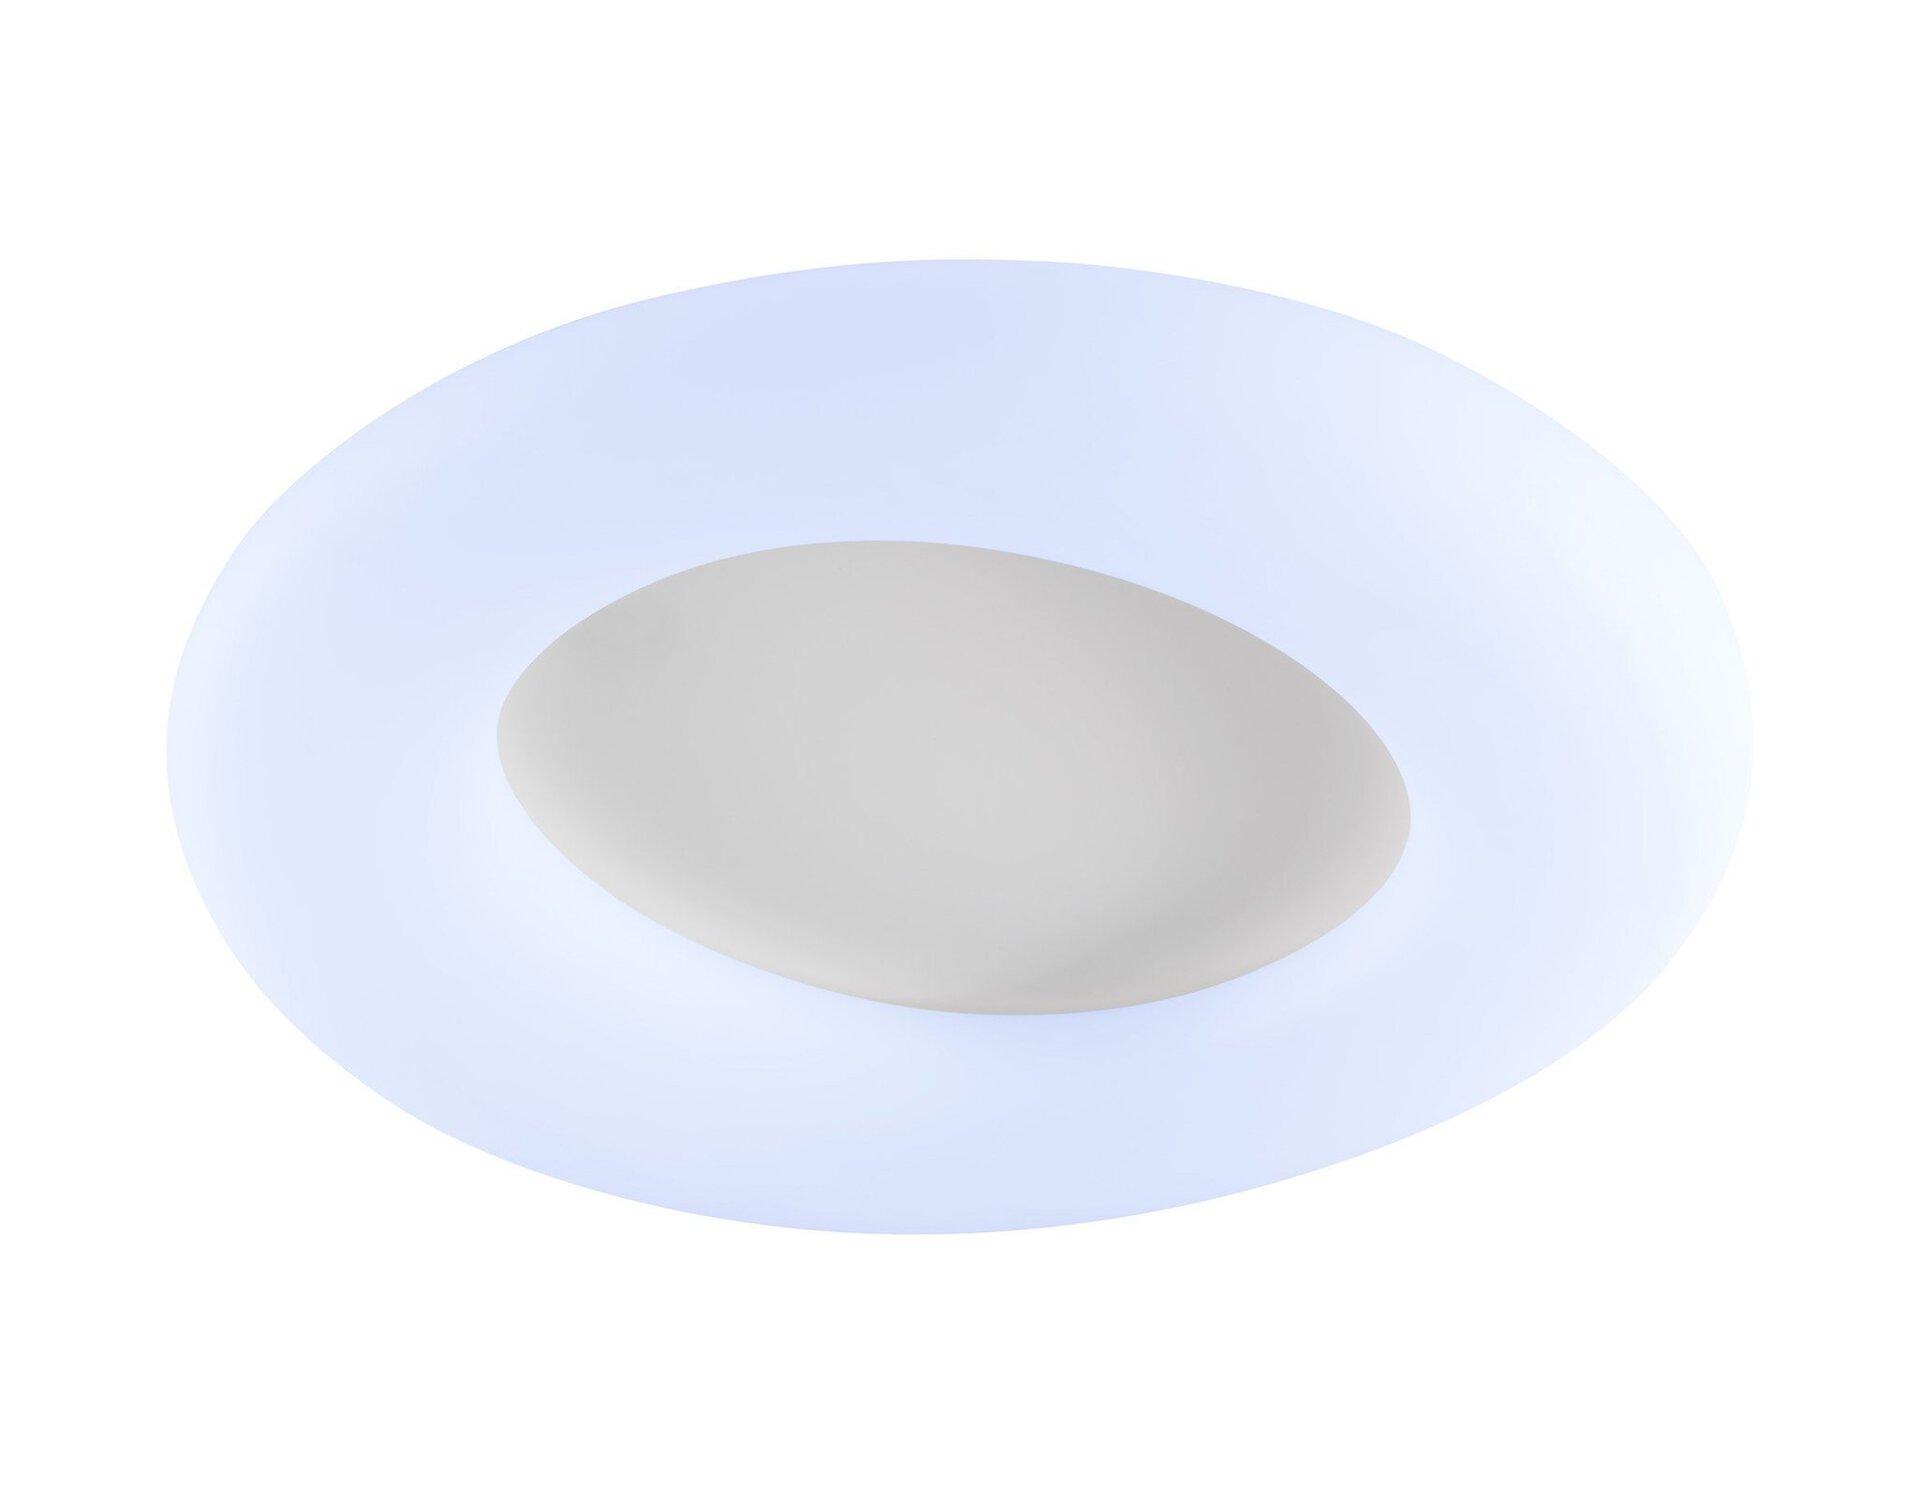 Deckenleuchte County Wofi Leuchten Kunststoff weiß 75 x 14 x 75 cm